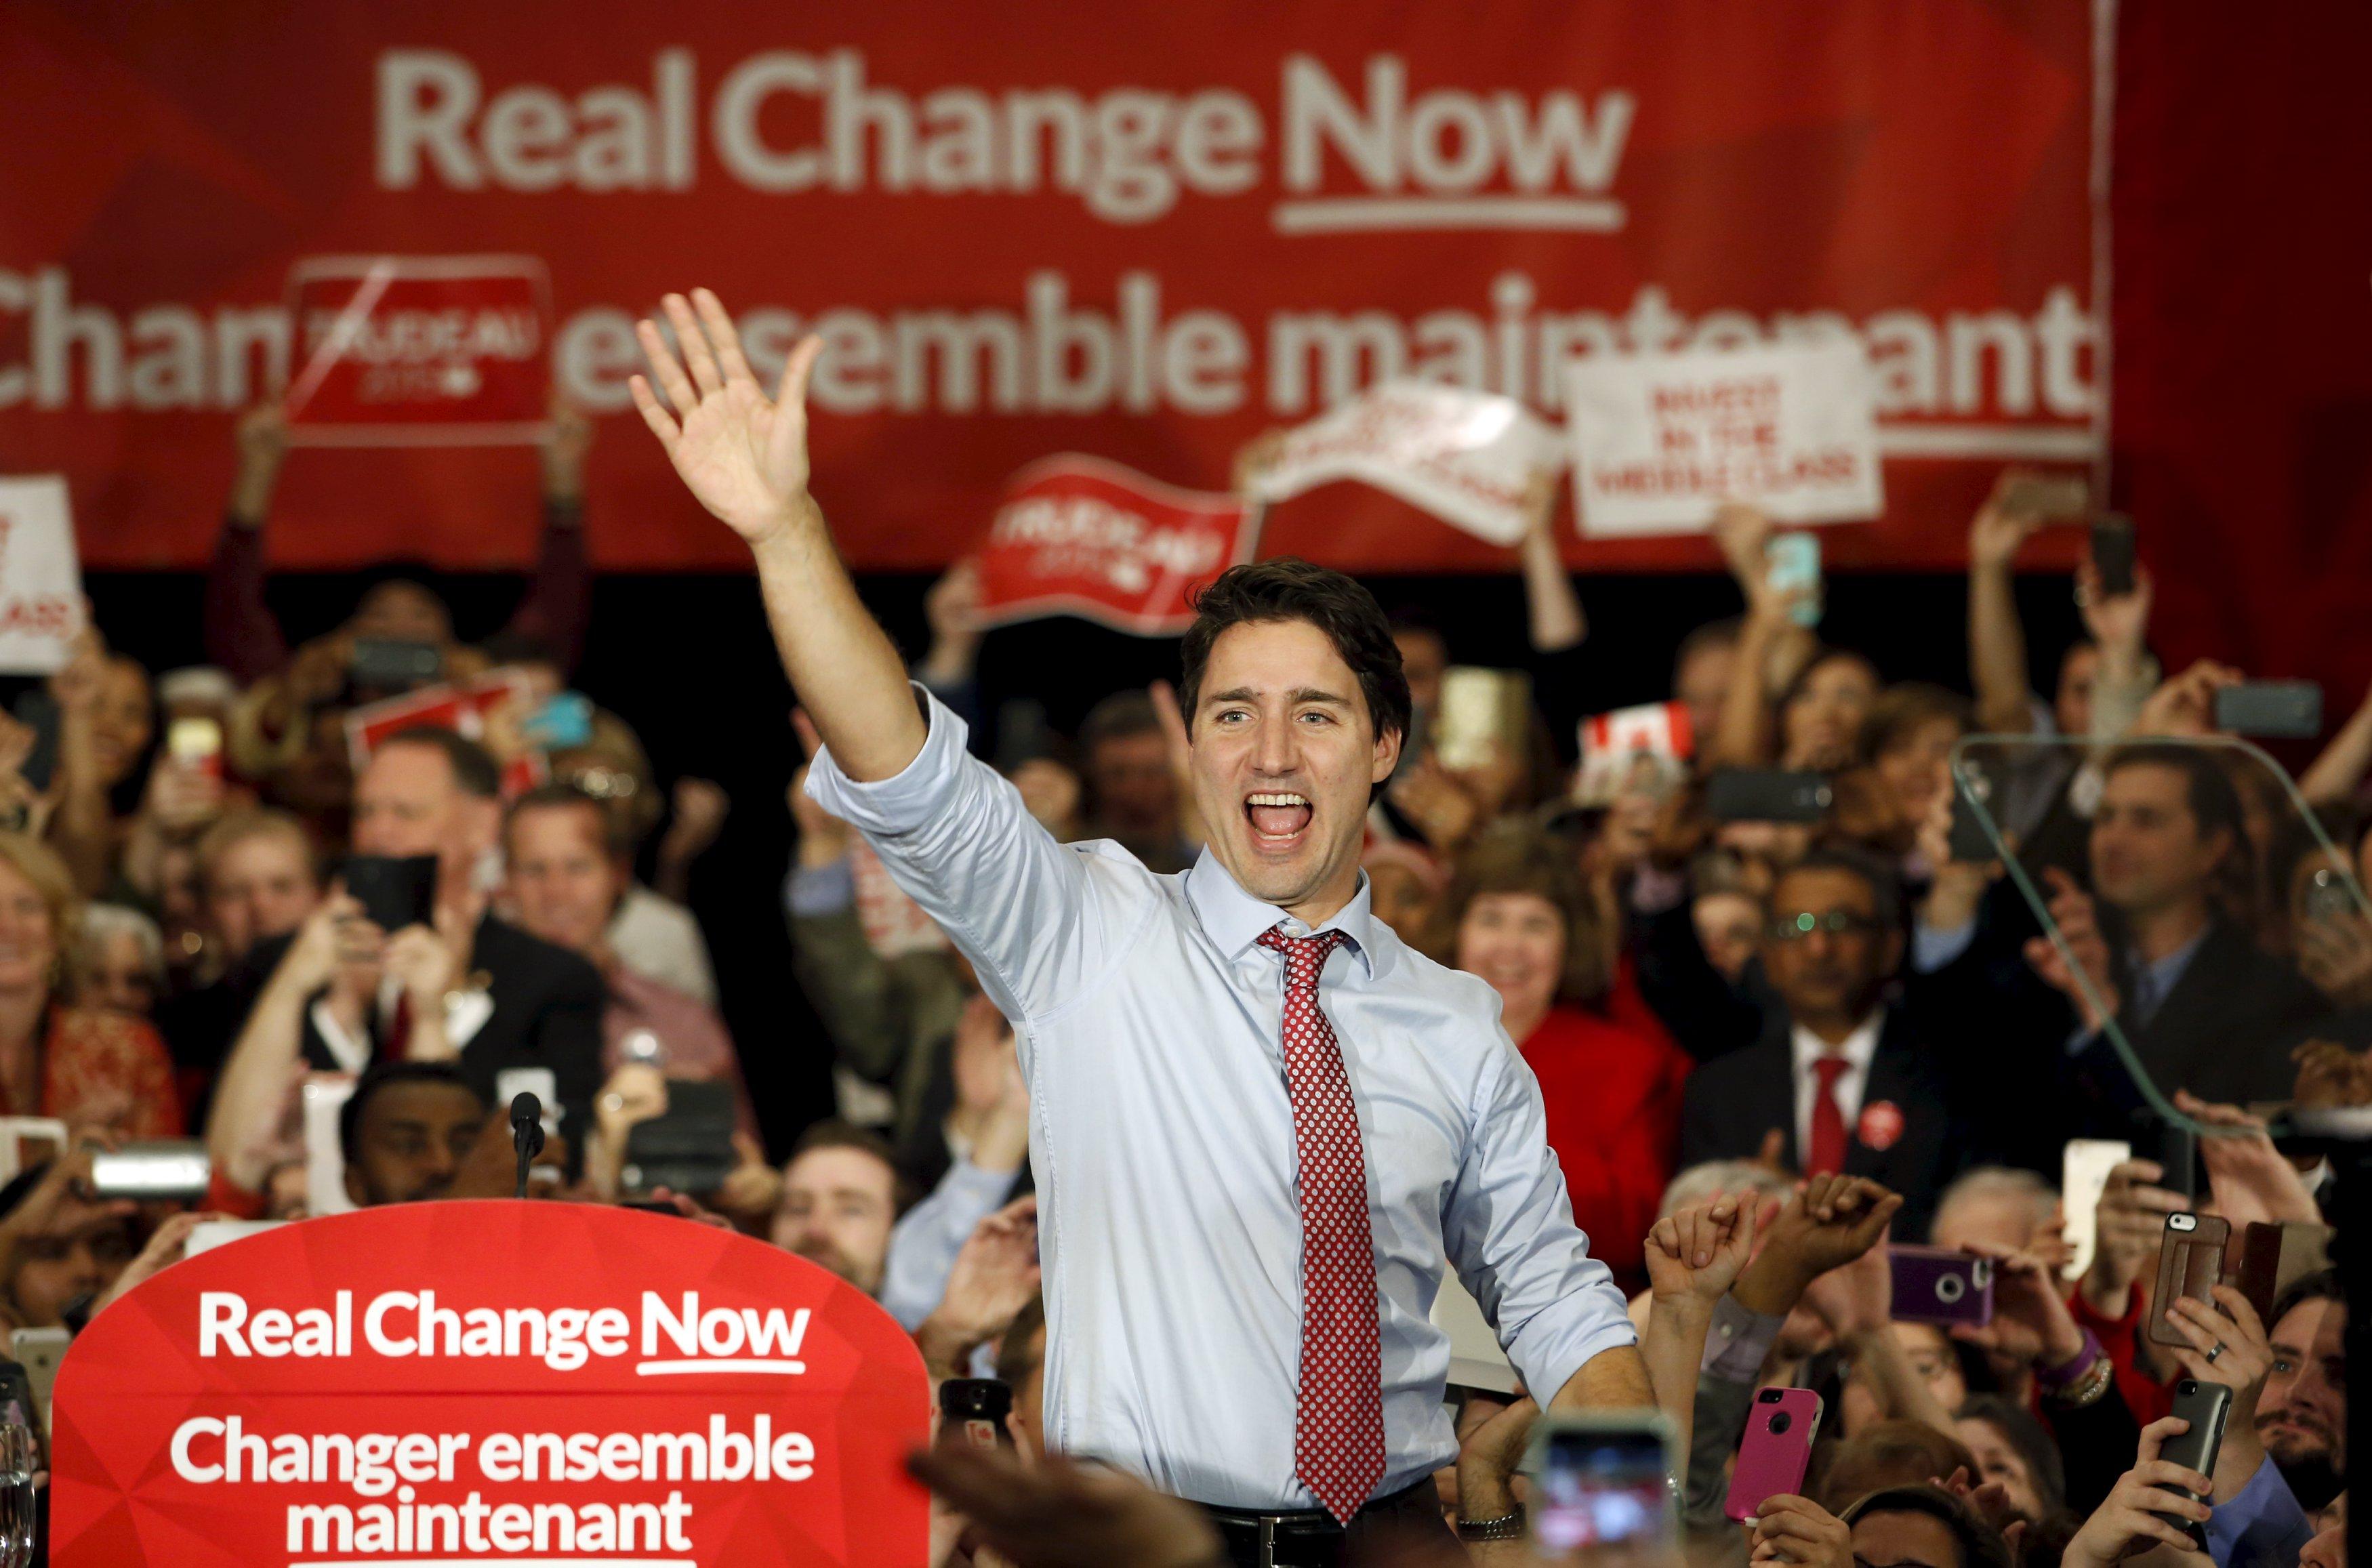 Pemimpin liberal dan Perdana Menteri terpilih Justin Trudeau melambaikan tangan ke pendukungnya saat reli di Ottawa, Selasa (20/10). Trudeau, setelah mengalahkan rival Konservatif, akan menghadapi tekanan langsung untuk mewujudkan janji kampanye, dari mengatasi perubahan iklim sampai melegalisasi ganja. ANTARA FOTO/REUTERS/Patrick Doyle.